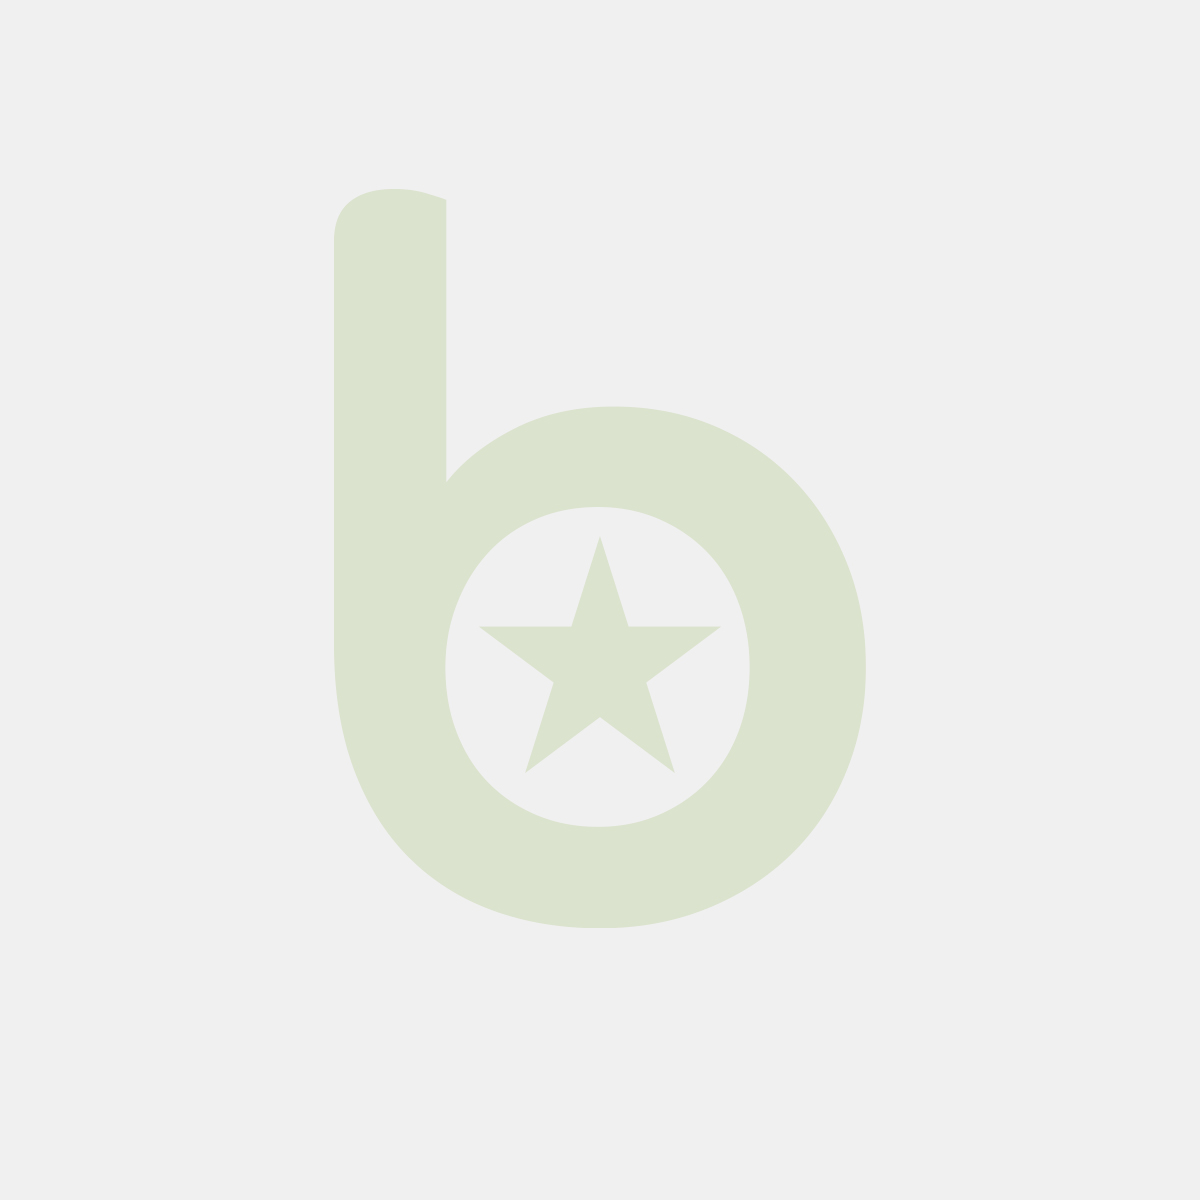 Torba szara 240/110/60 z okienkiem bez nadruku, cena za opakowanie 1000szt